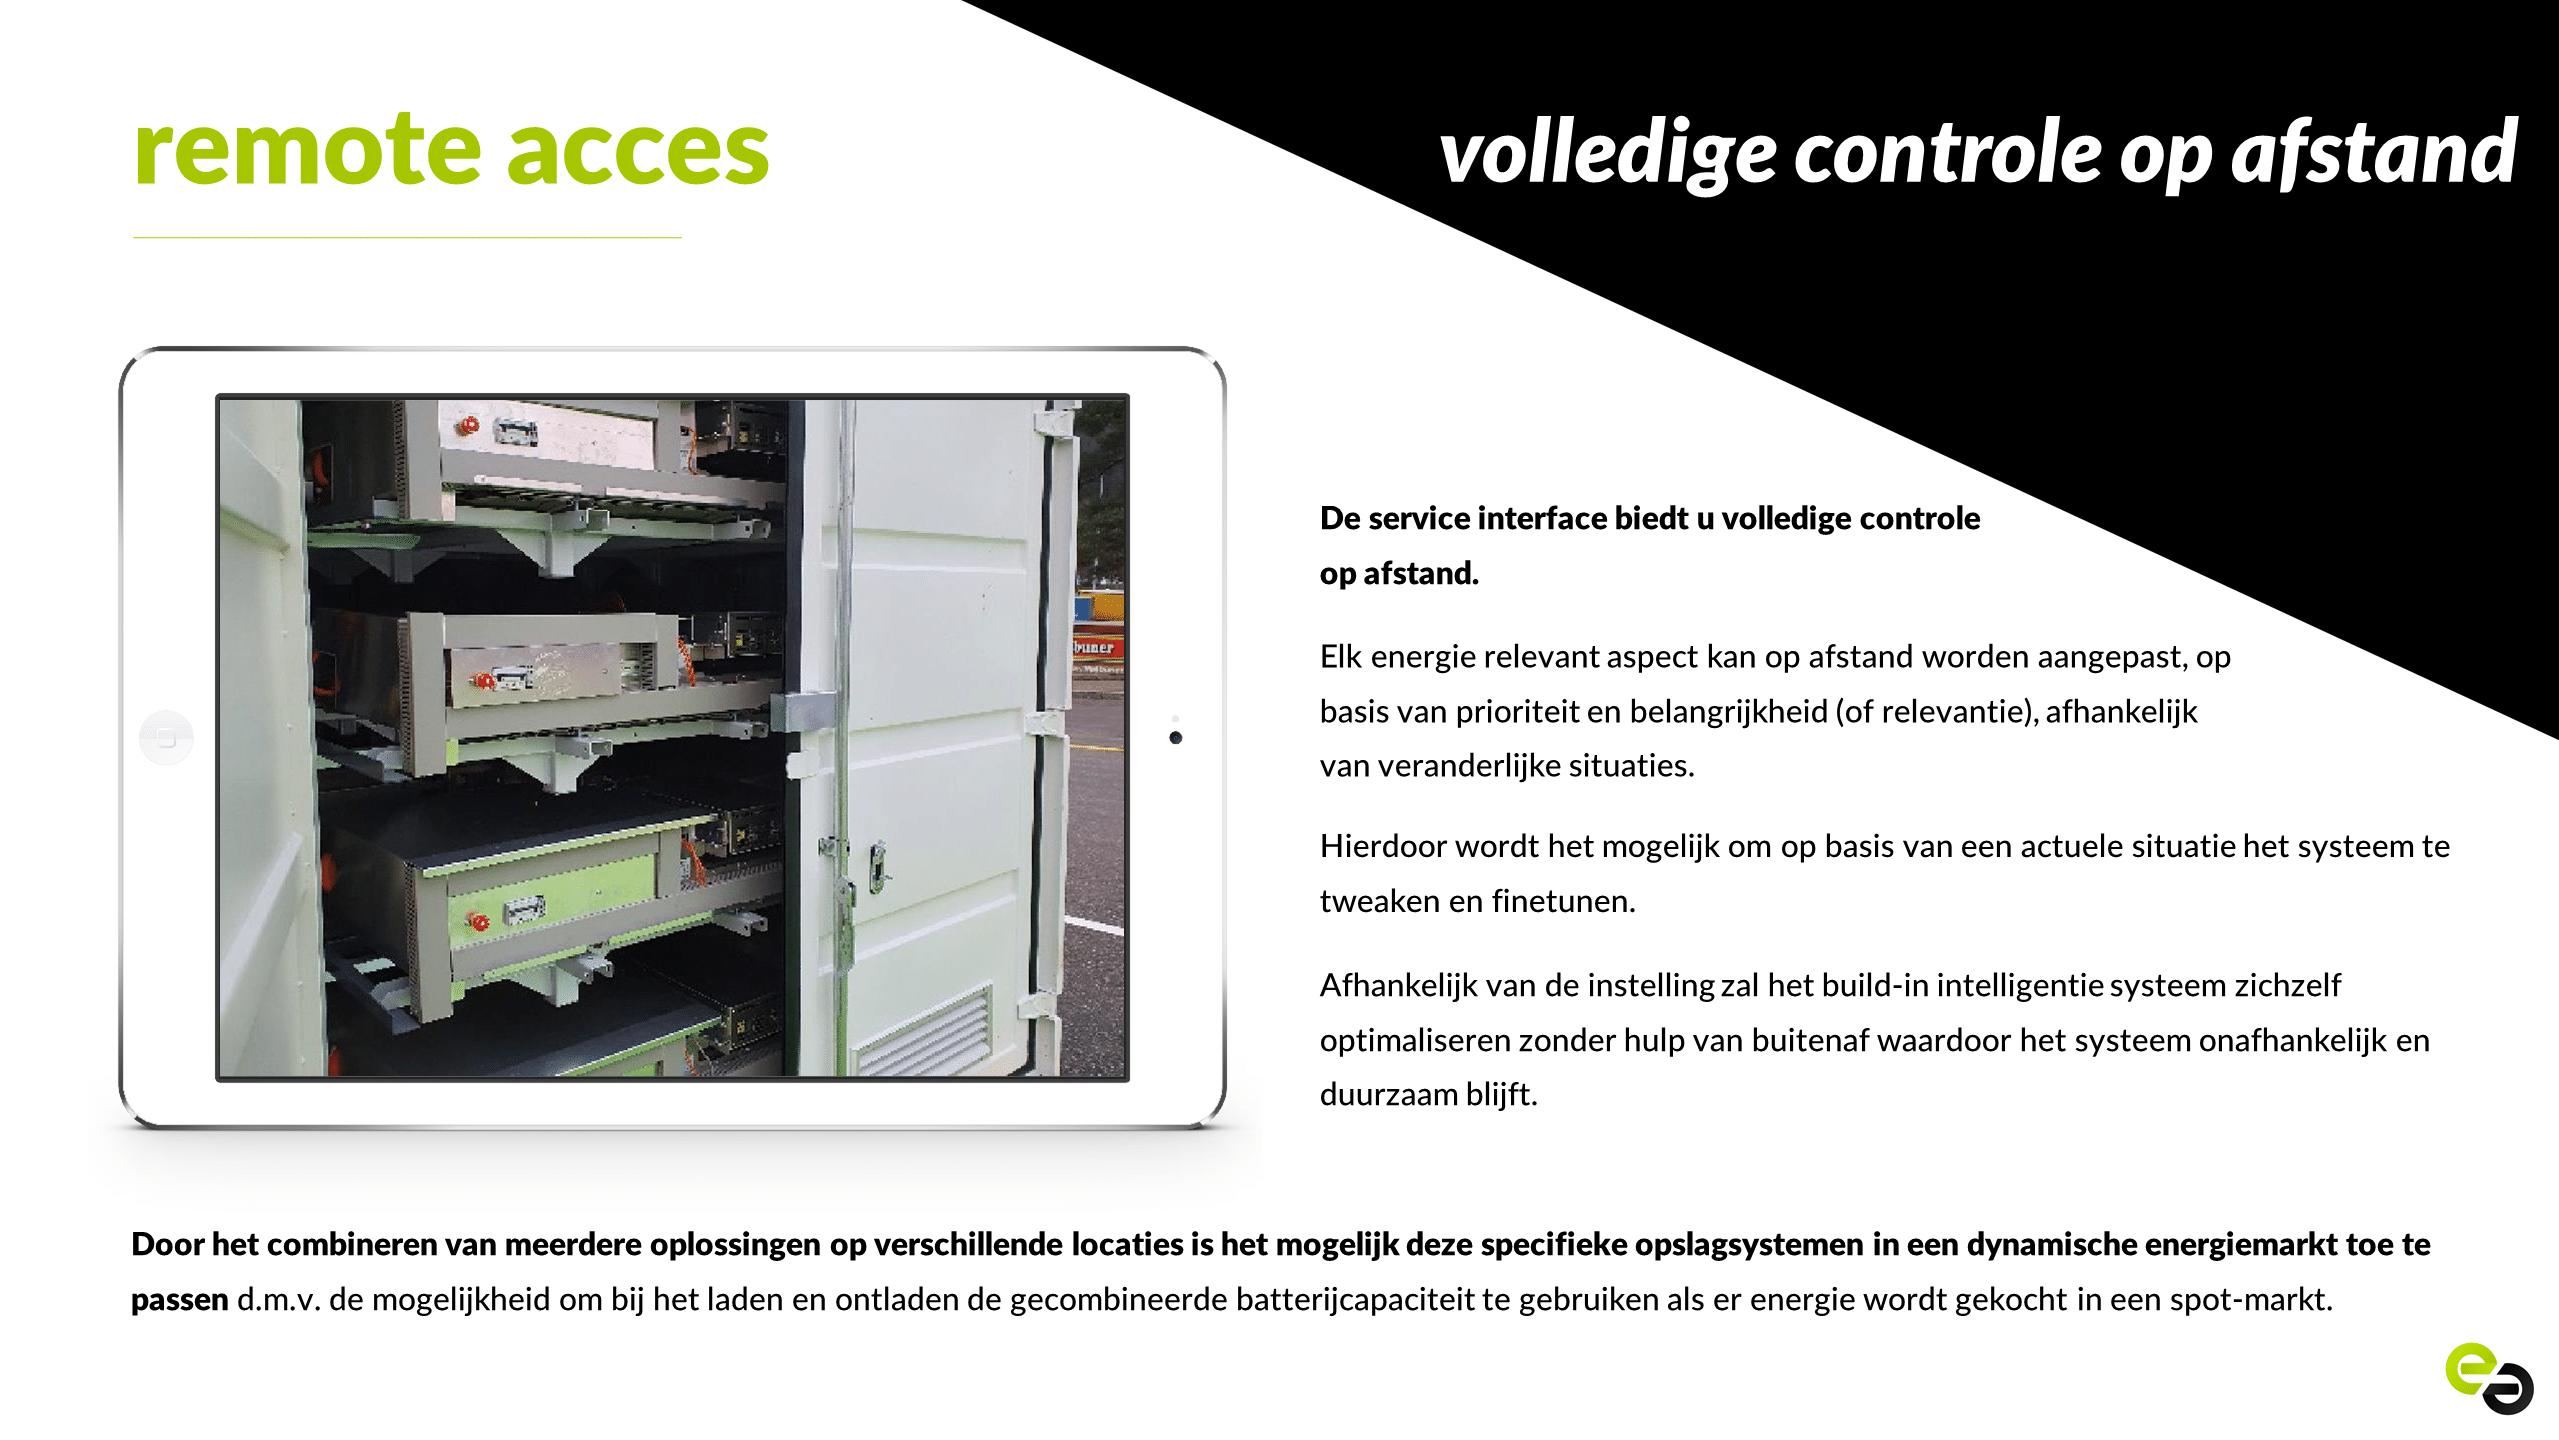 remote acces